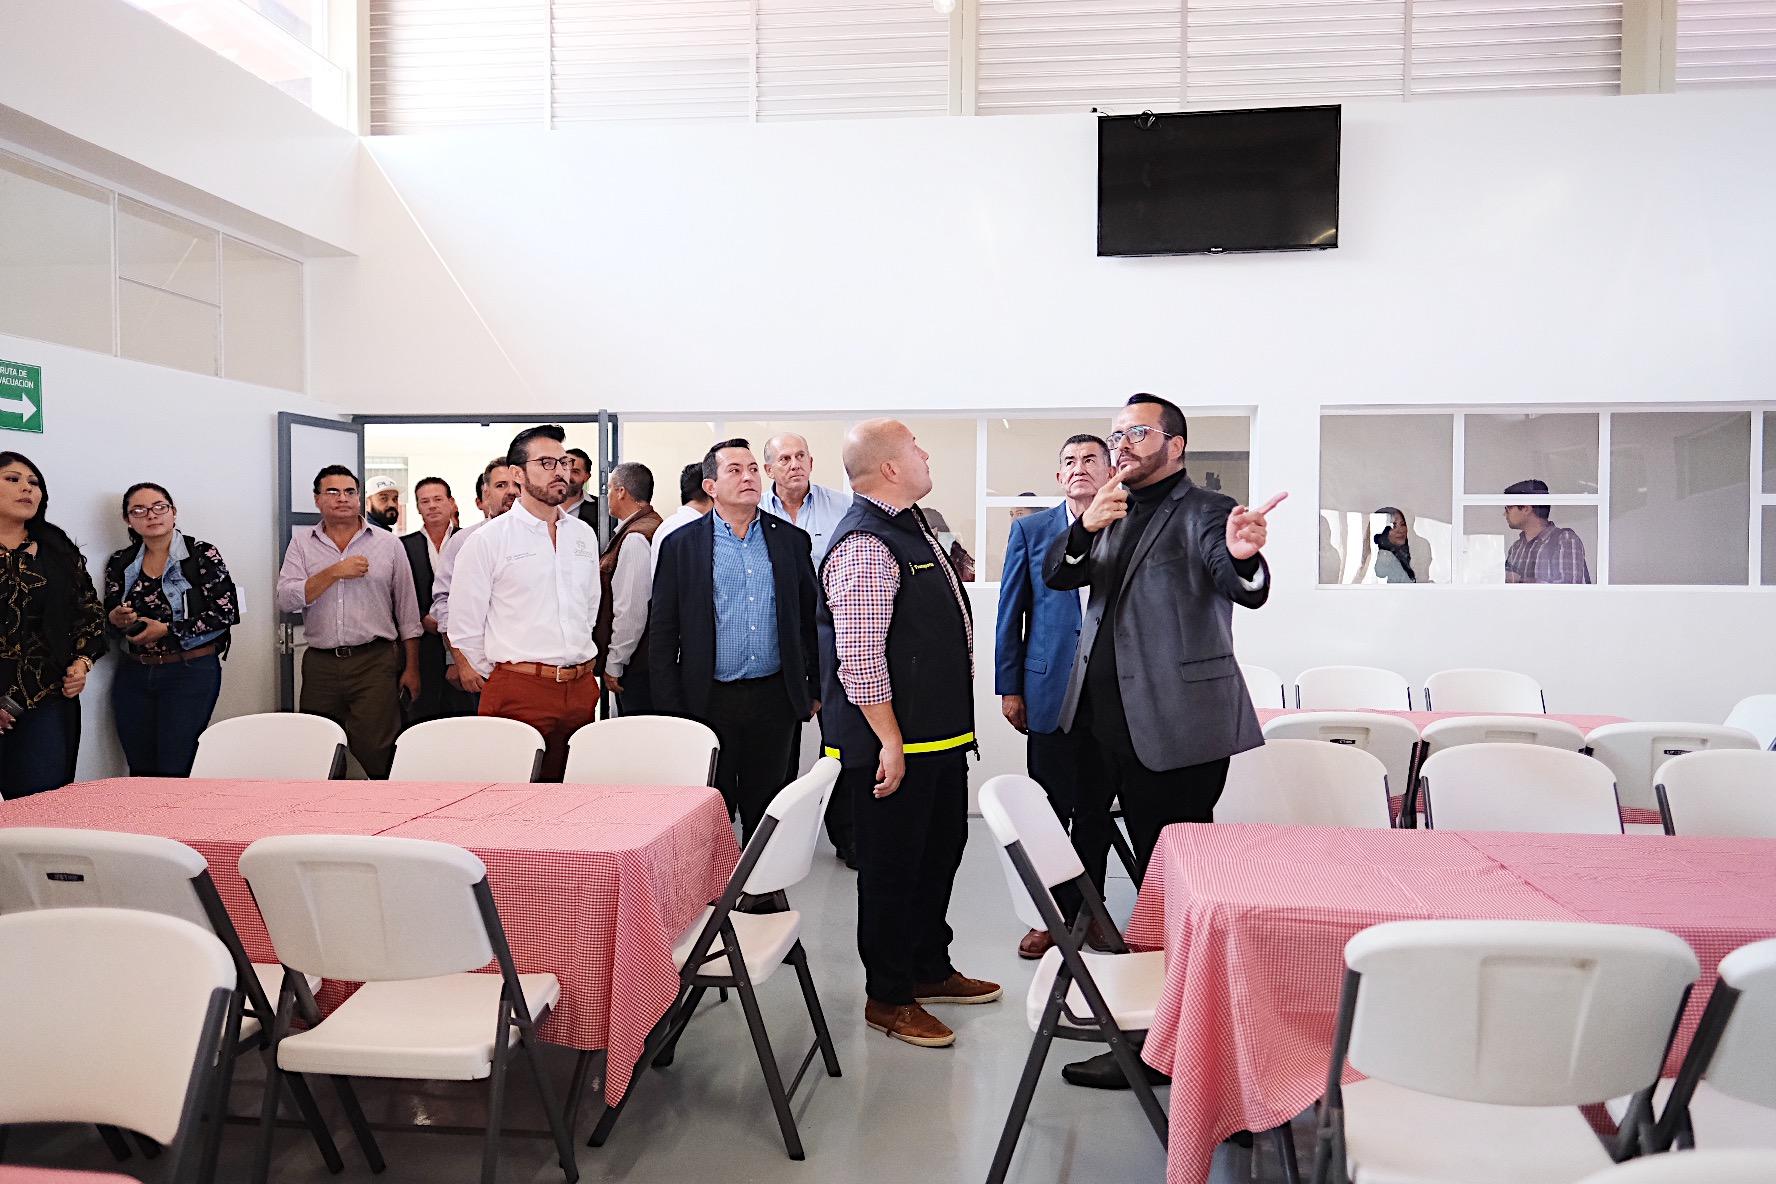 El Gobernador de Jalisco, Enrique Alfaro Ramírez, realizó un recorrido por áreas remodeladas de la Casa Hogar para Persona en Situación de Calle.